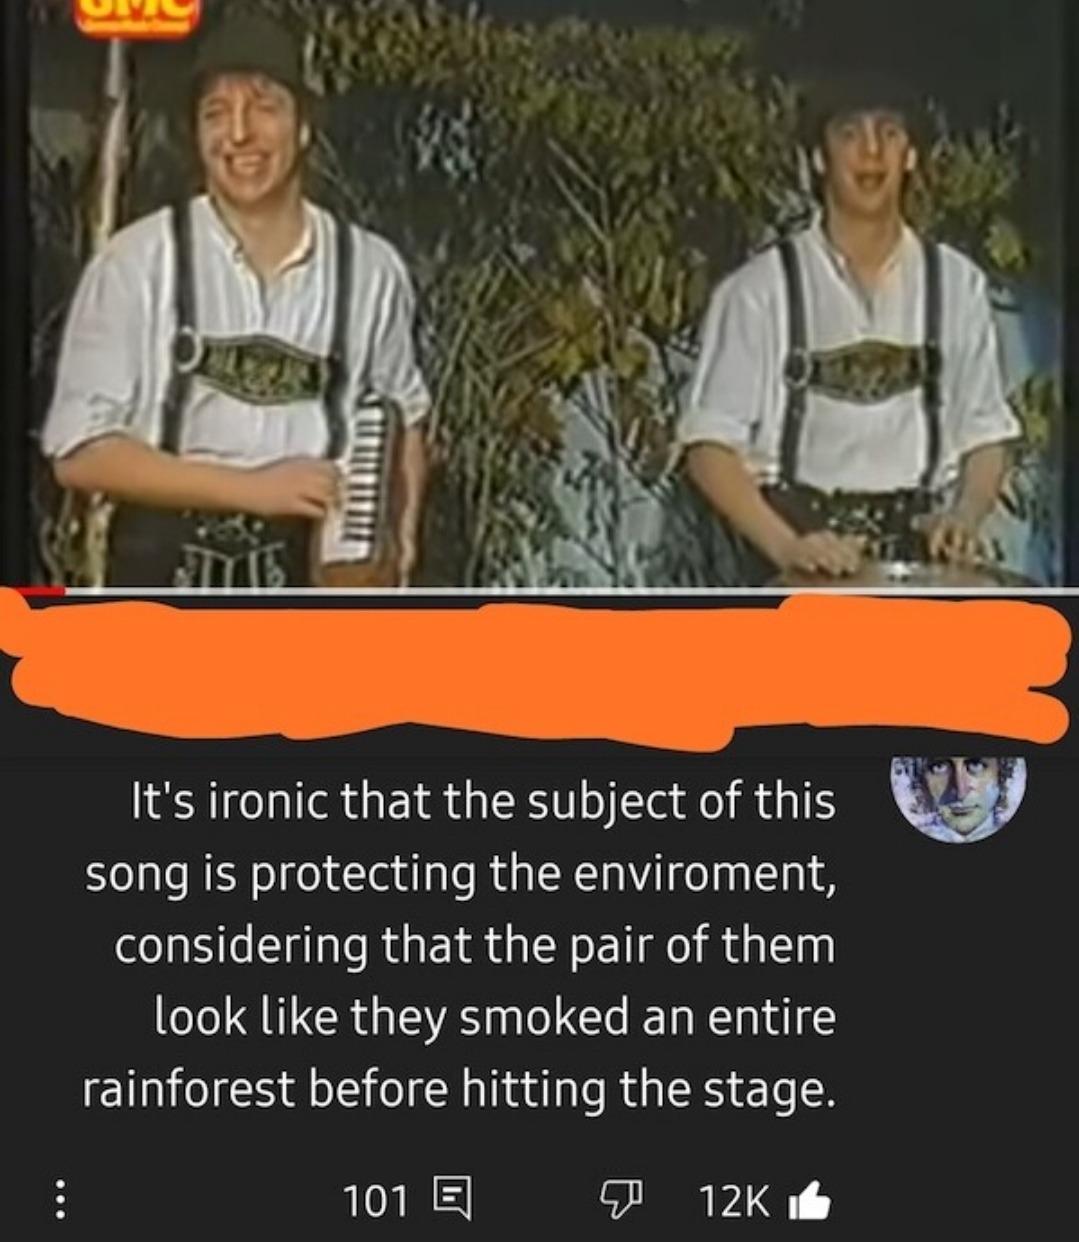 Entire rainforest - meme